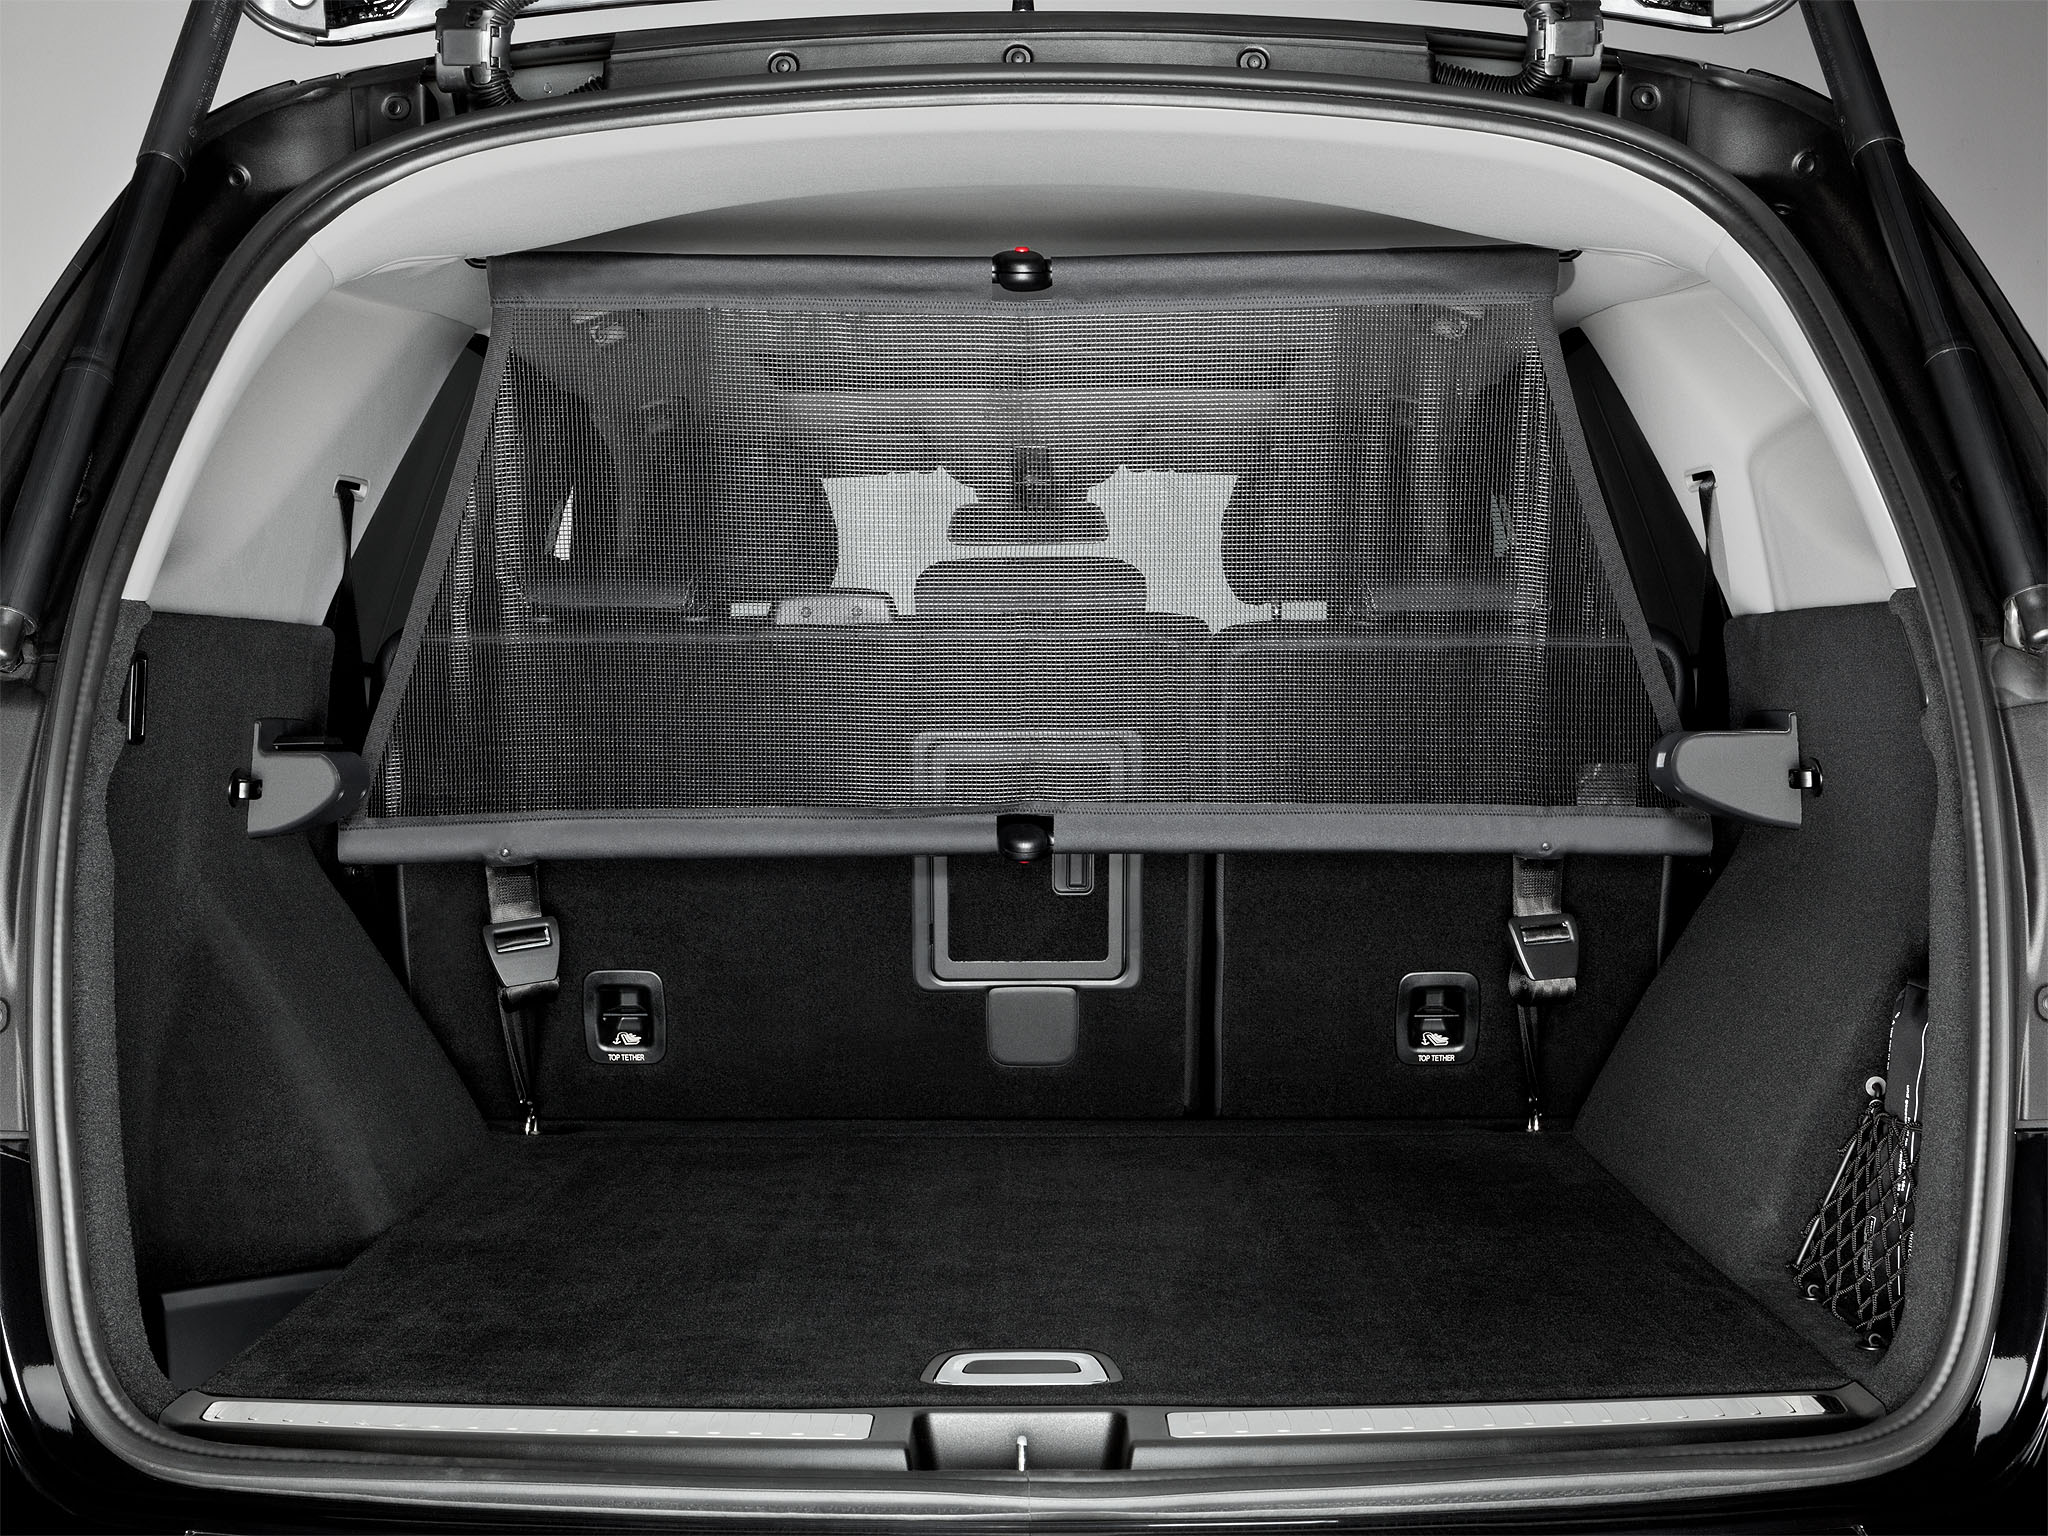 scheidingsnet suv m klasse auto accessoires mercedes benz official online shop. Black Bedroom Furniture Sets. Home Design Ideas